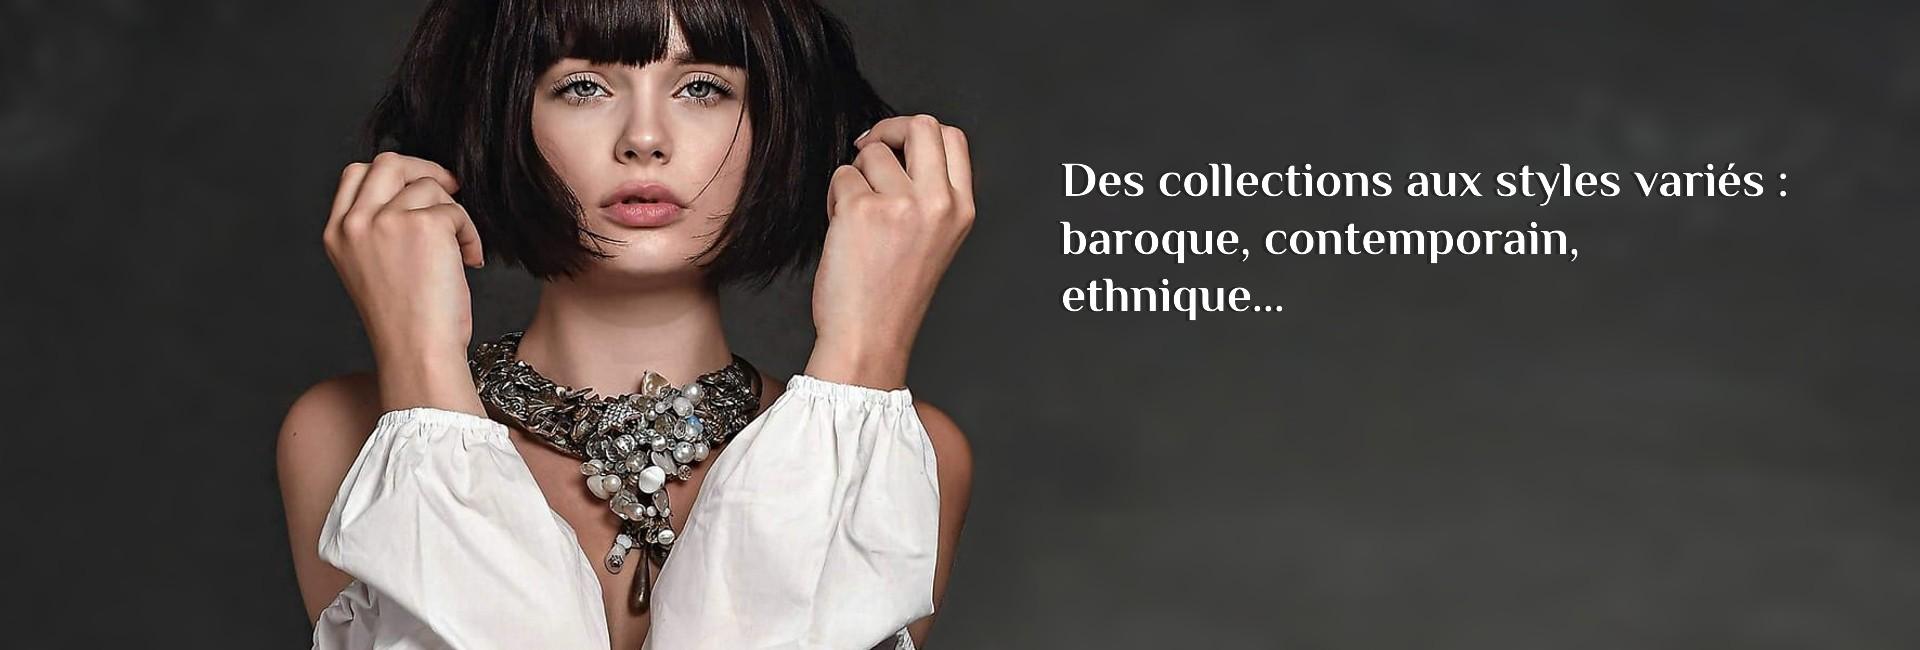 Des collections aux styles variés : baroque, contemporain, ethnique...